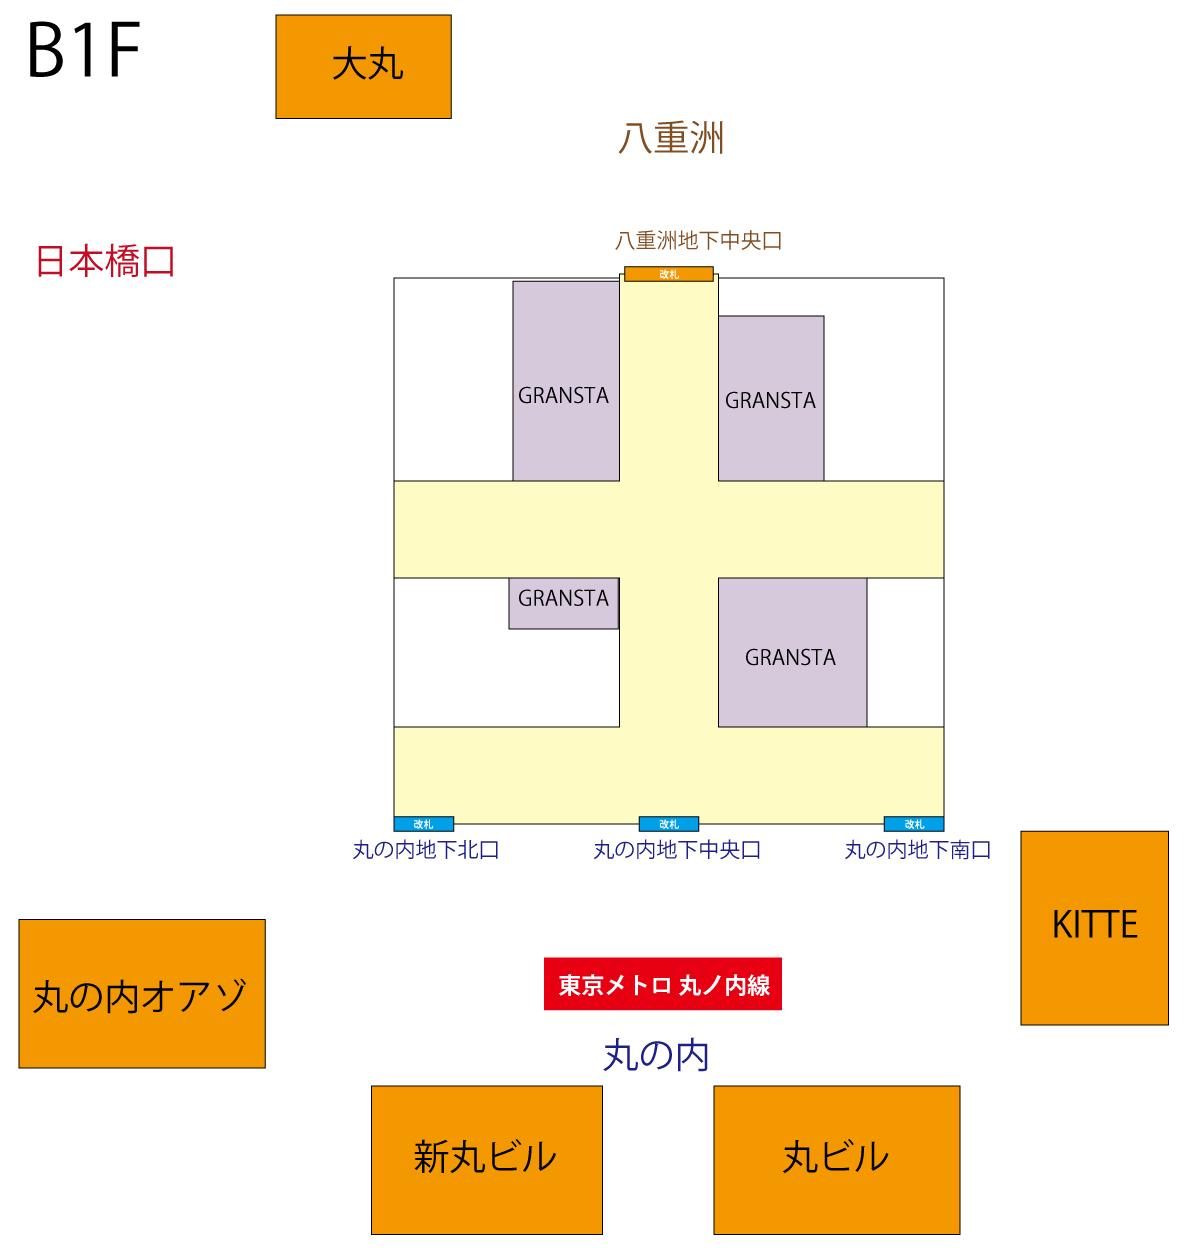 東京駅 B1F 新幹線乗り場 簡略図